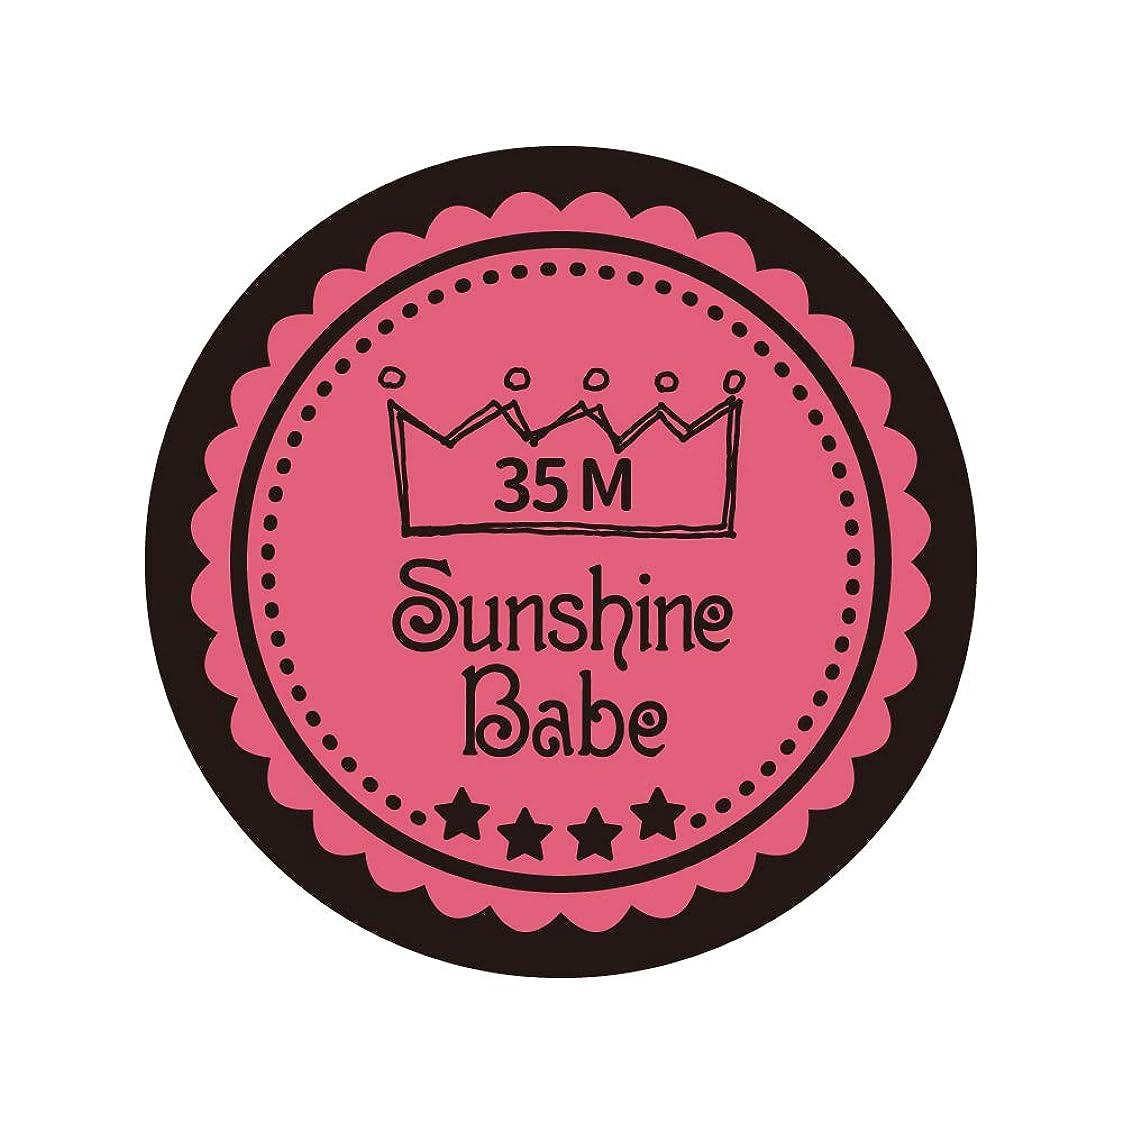 謝るすでに干渉Sunshine Babe カラージェル 35M ローズピンク 2.7g UV/LED対応